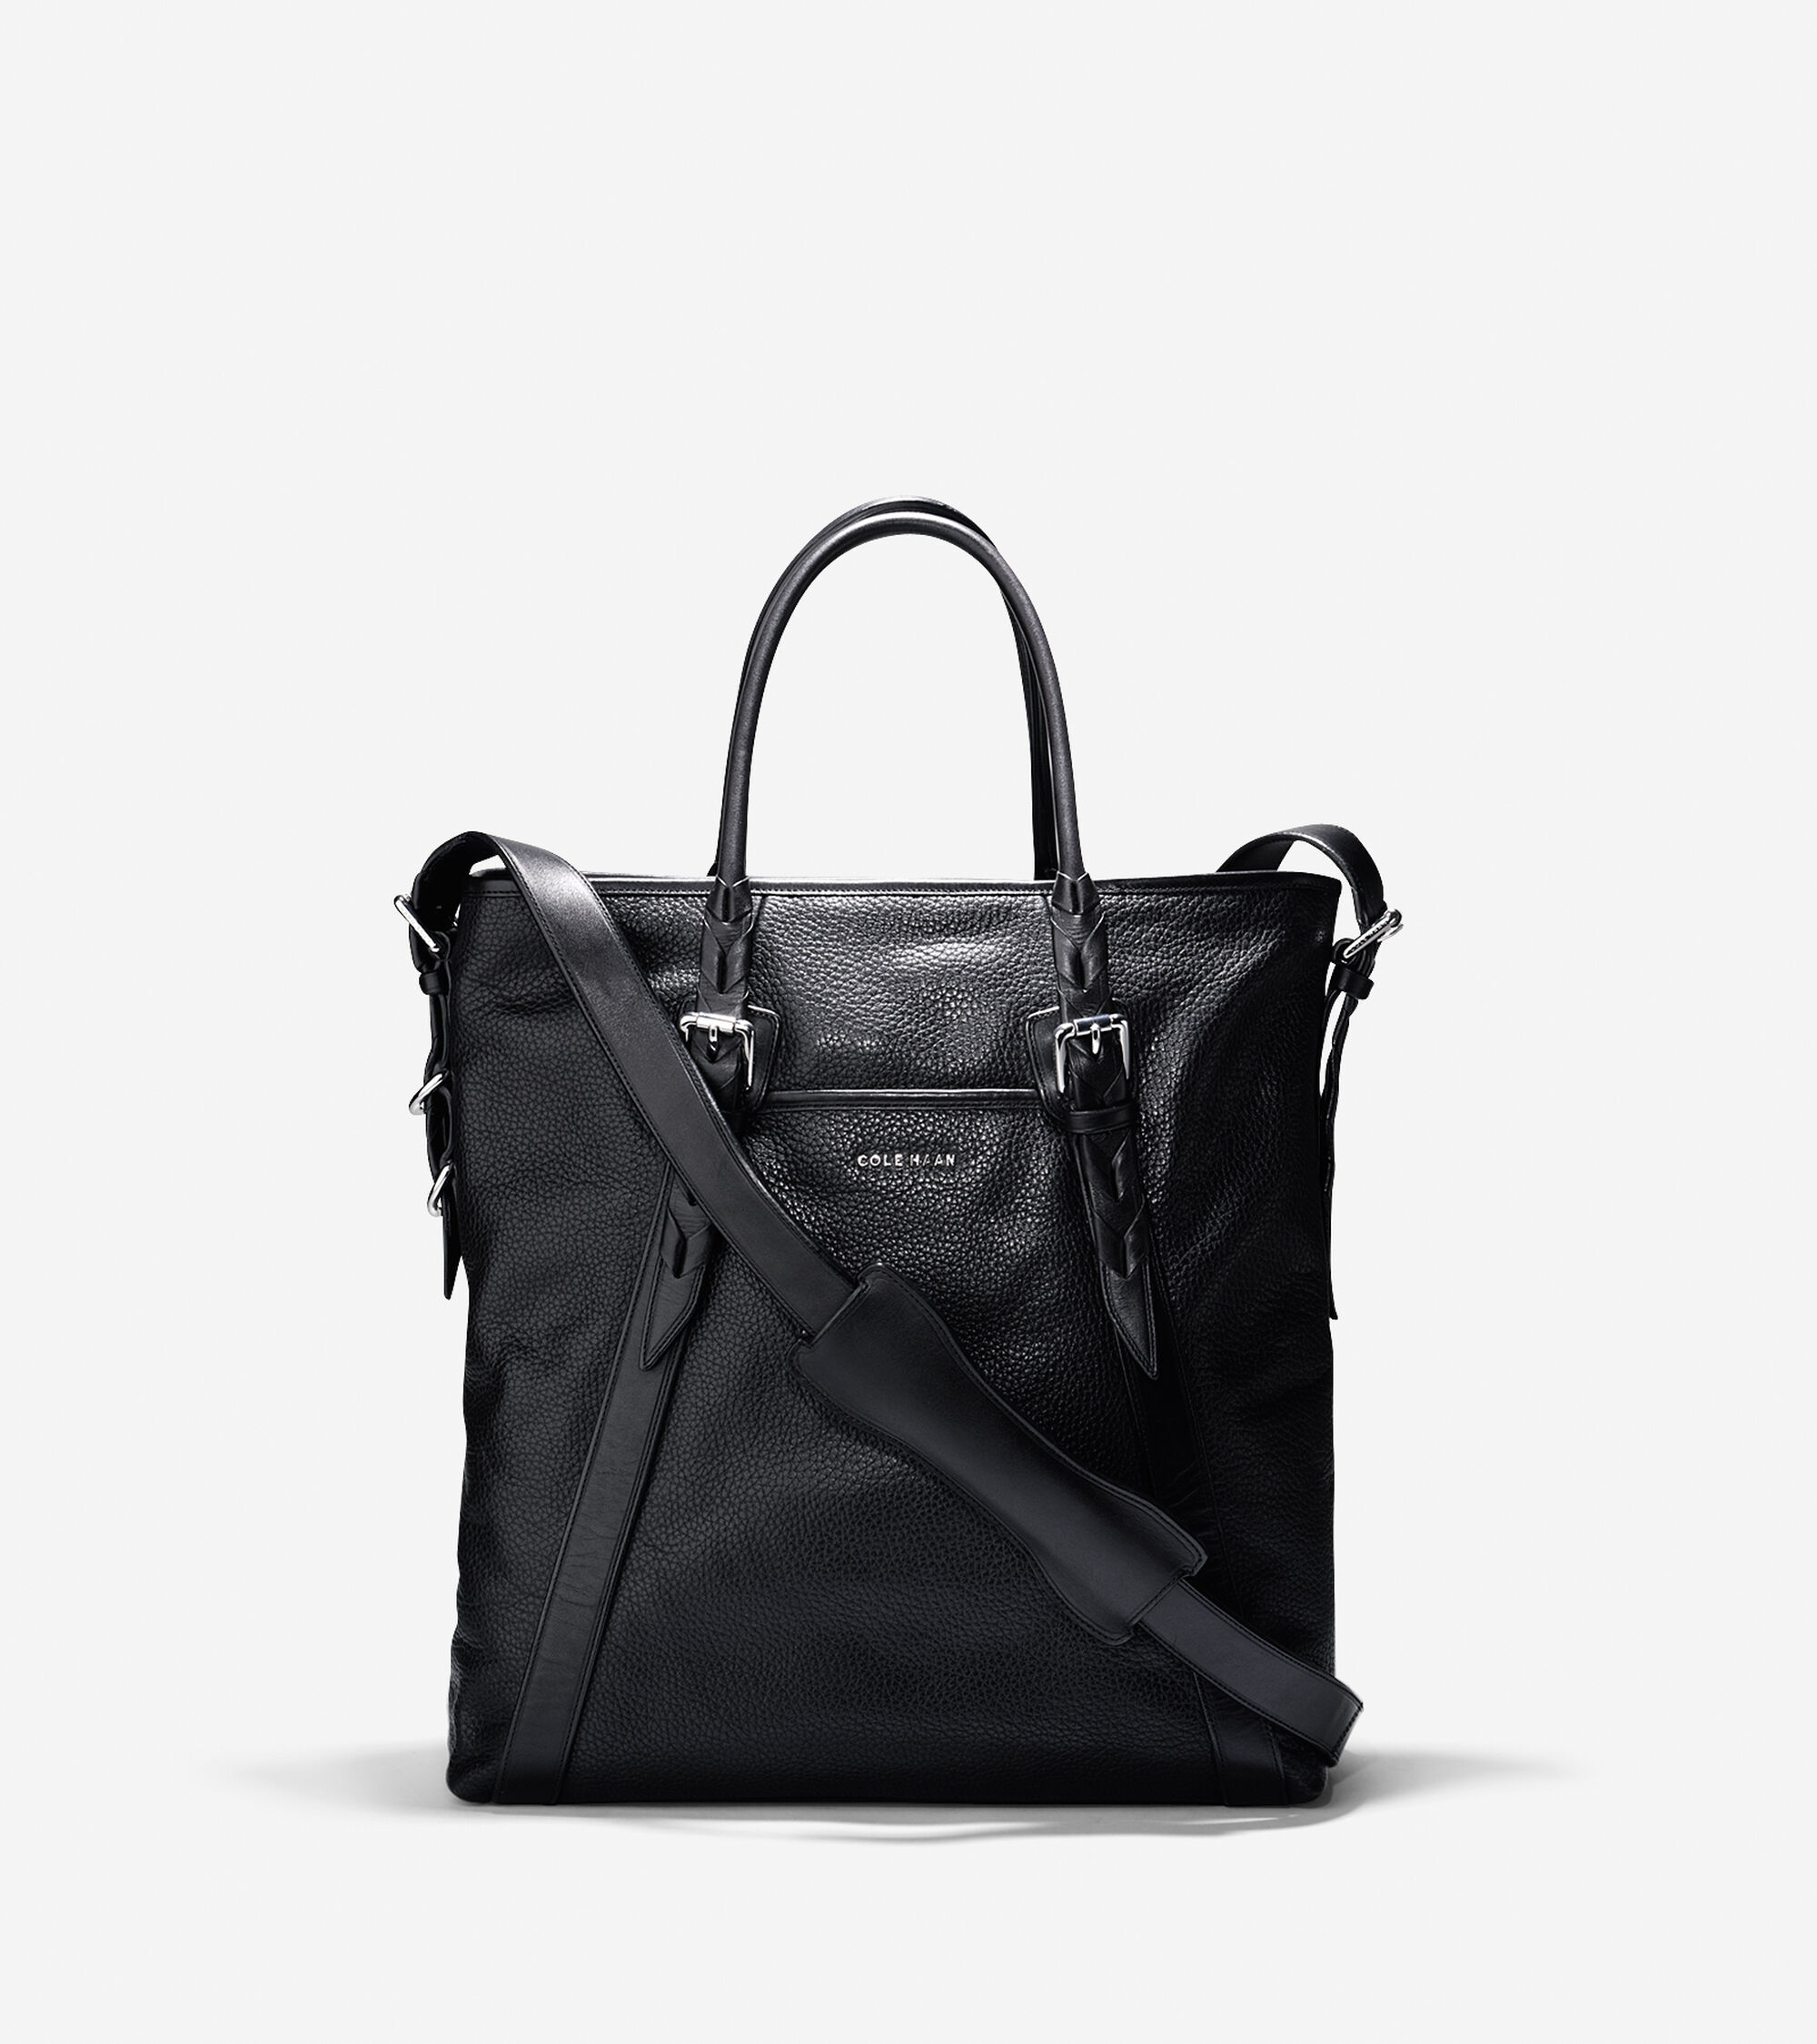 Briefs & Bags > Truman N/S Shopper